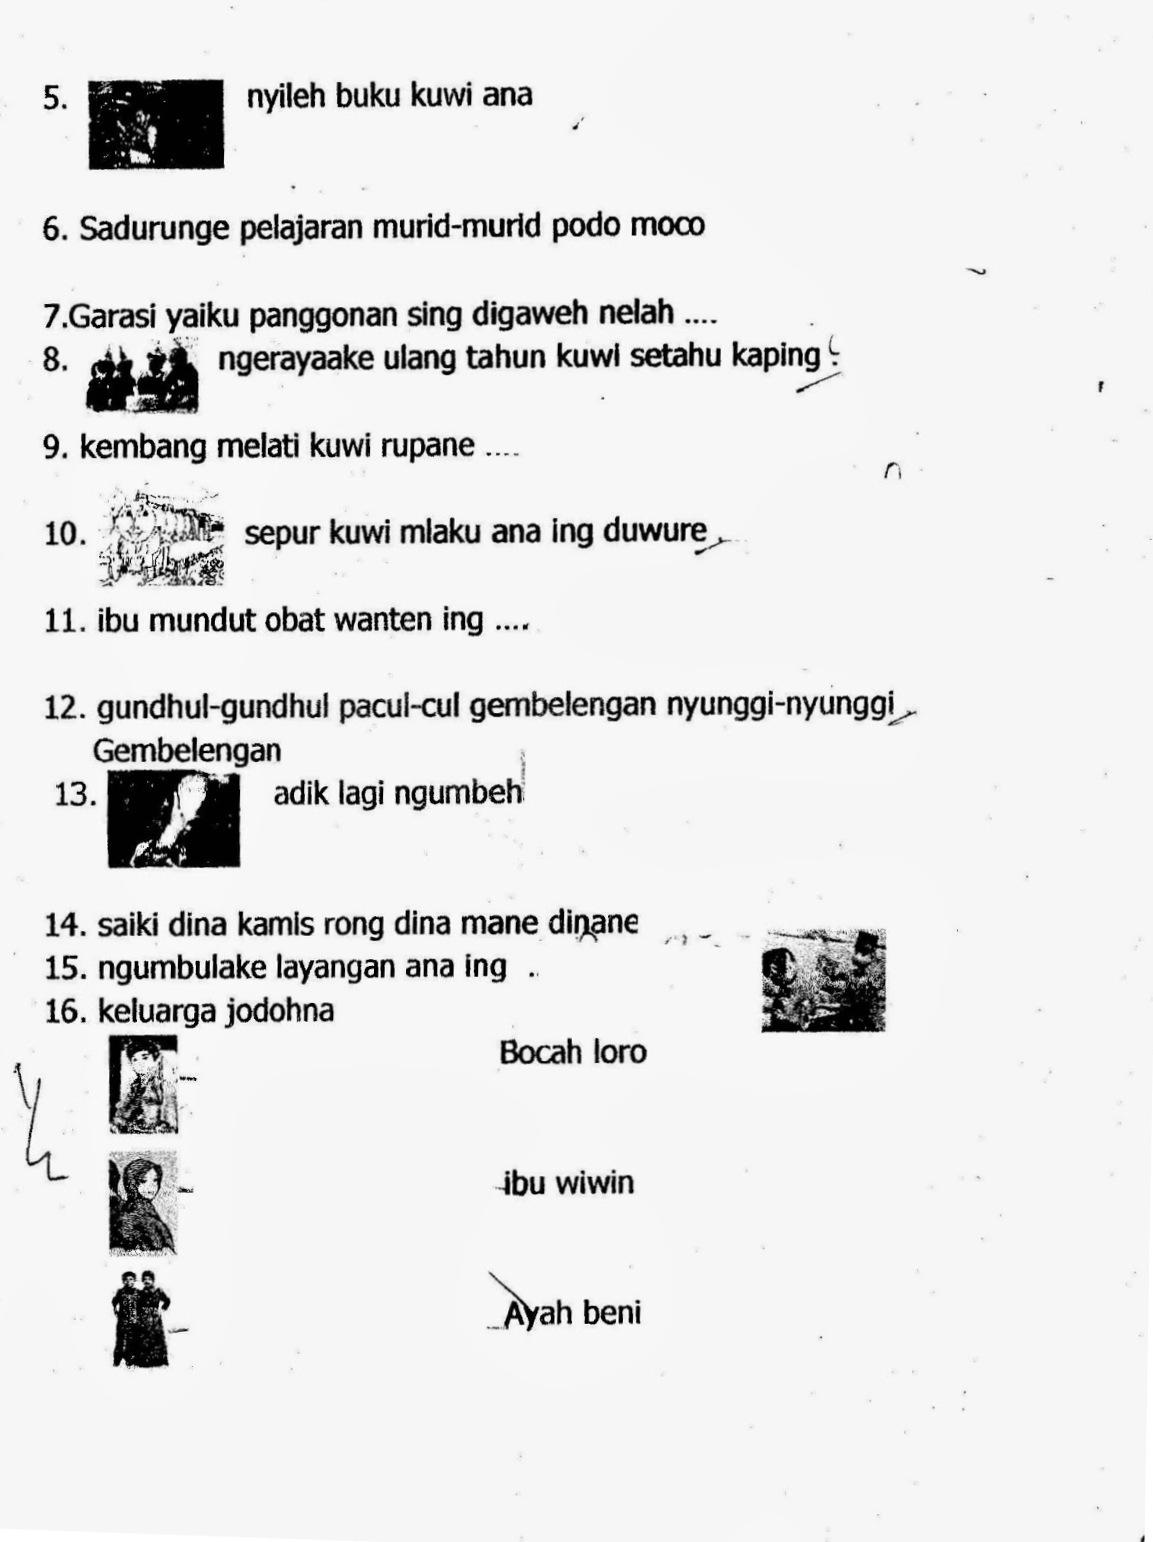 Materi Bahasa Jawa Kelas 11 Semester 1 E Guru